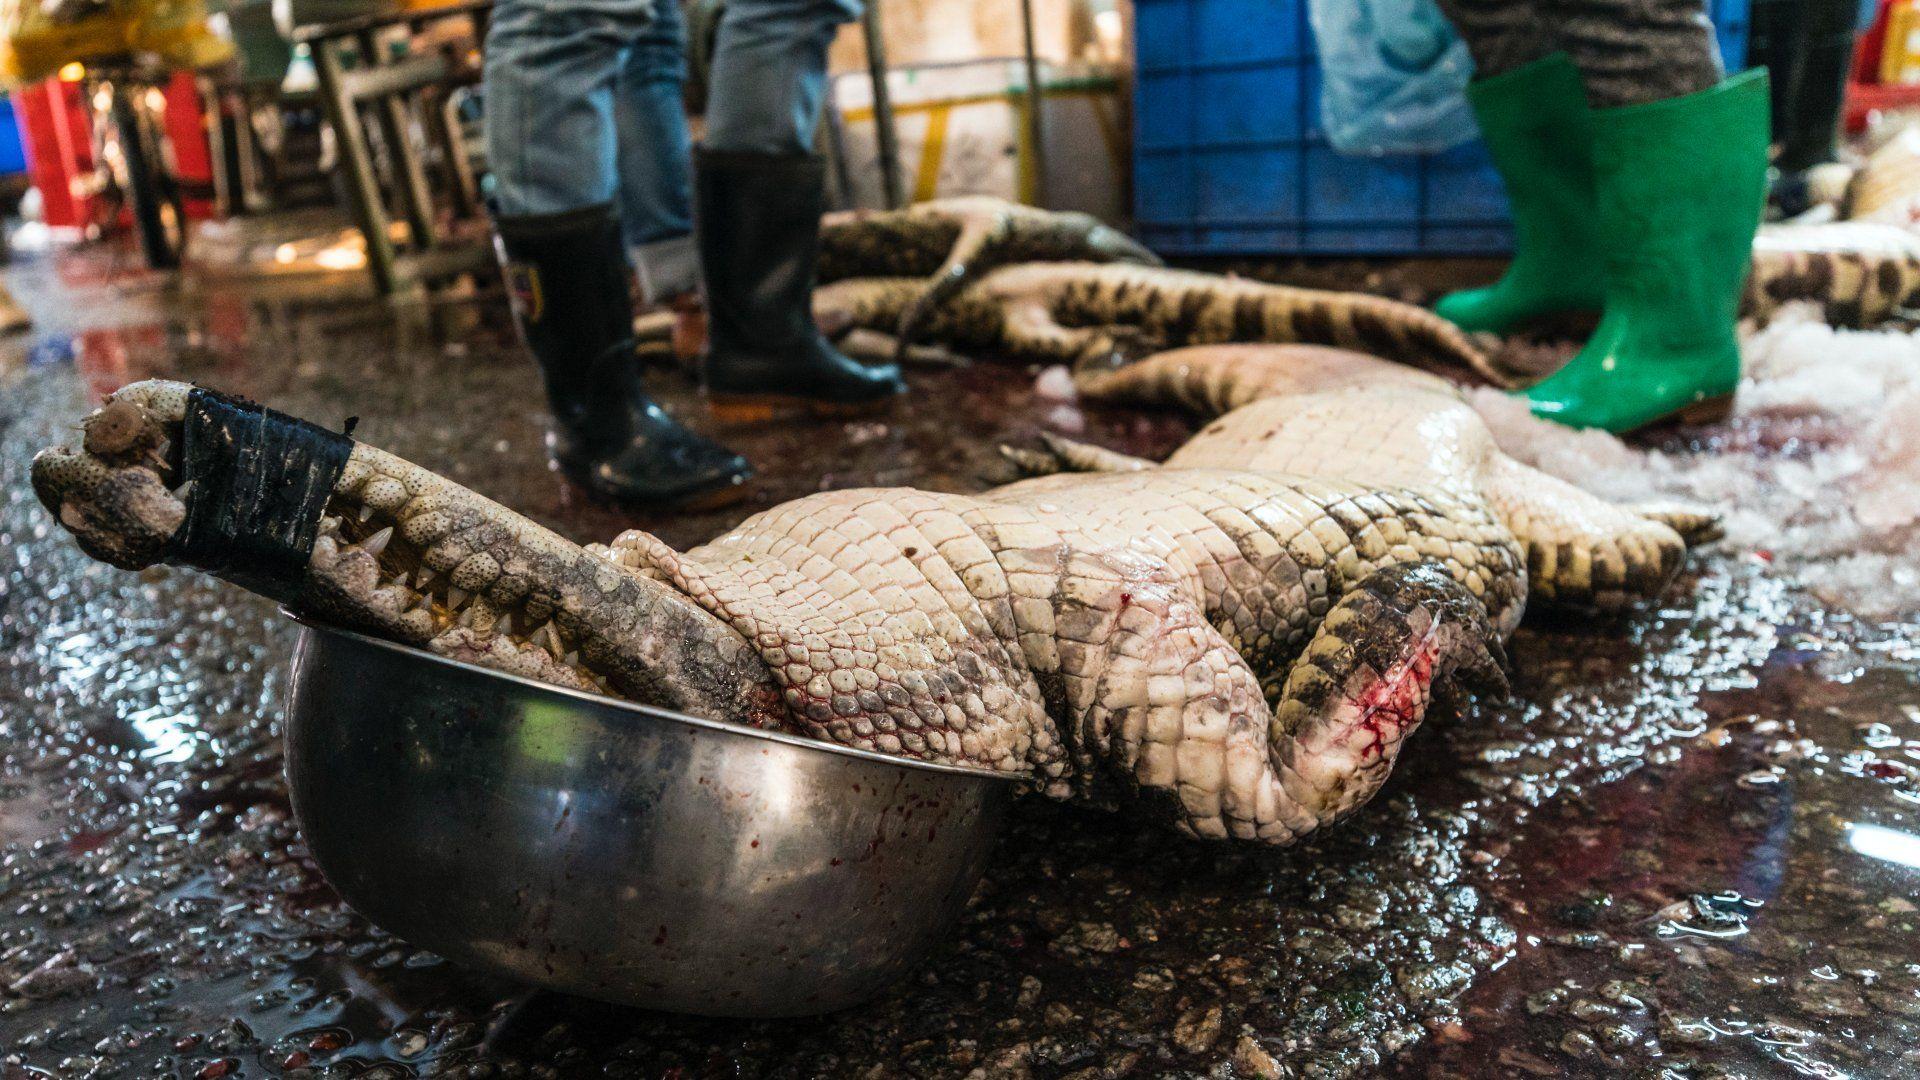 Eladásra szánt krokodil a kínai Cukidzsi halpiacon a kínai Kuantung tartományban lévõ Kuangcsouban 2018. január 22-én